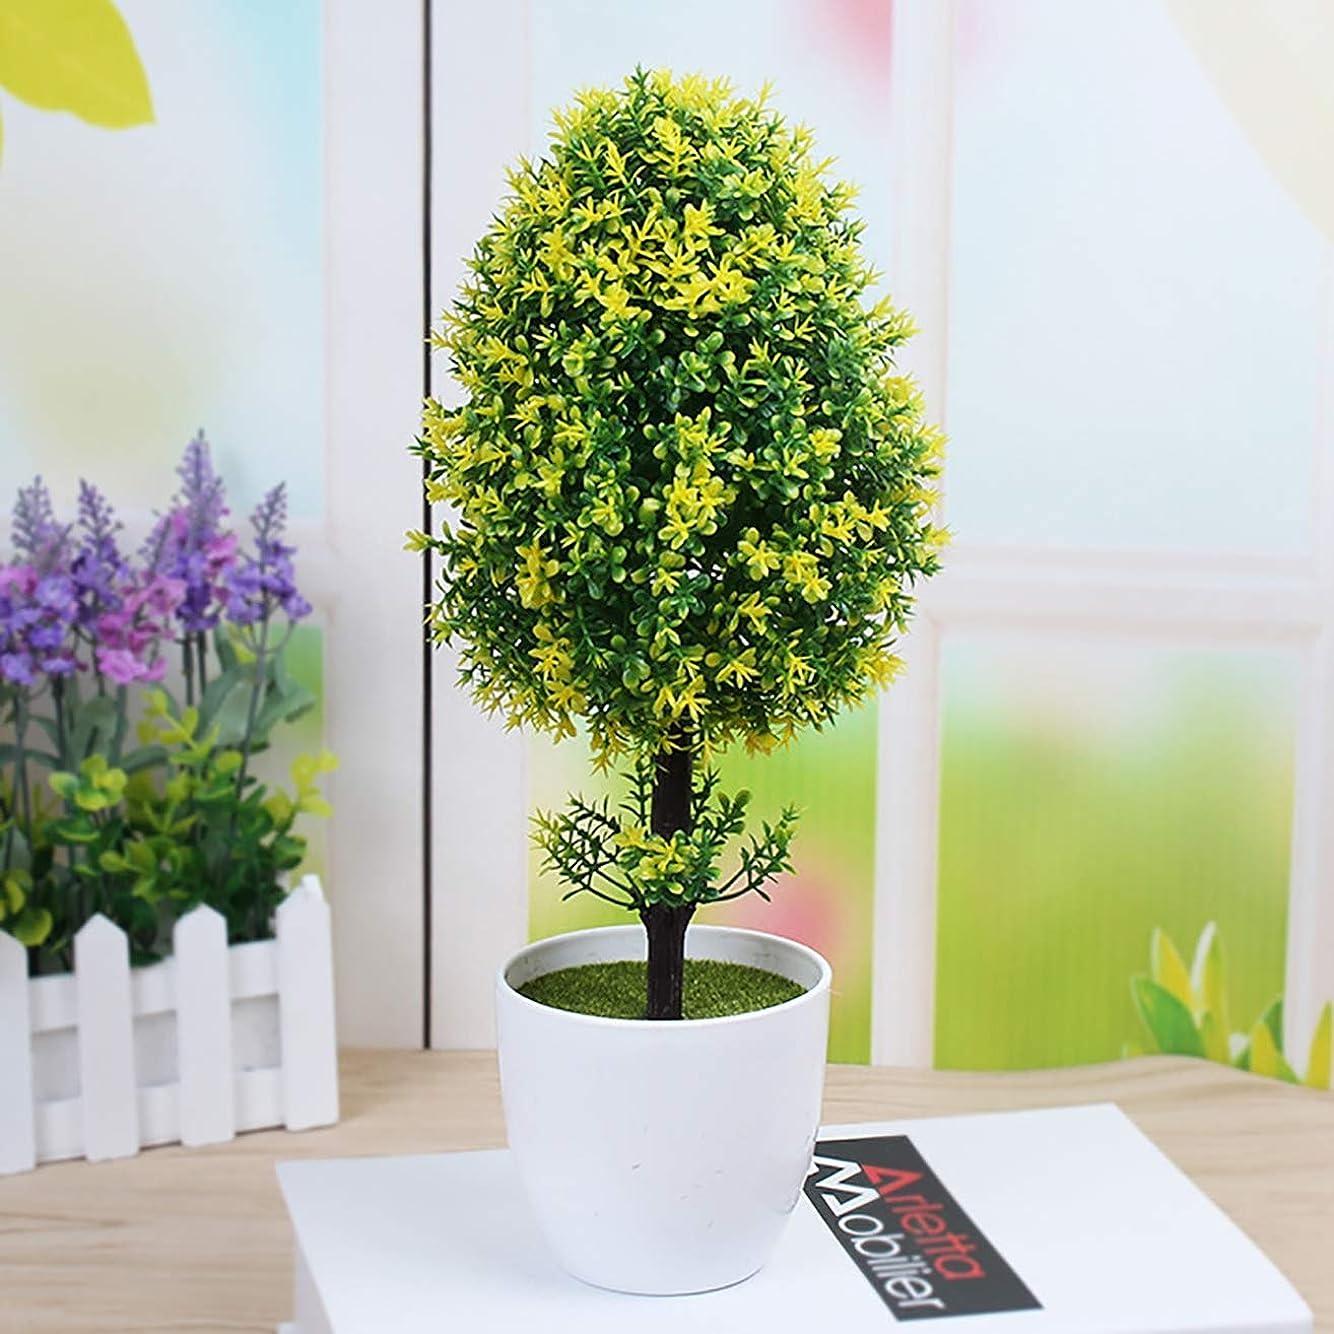 側溝ハドルファントムPusaman シミュレーション木、平和の木、gruuml; NEフェイク鉢植え、盆栽創造卓上の装飾、ホームデコレーションギフト、C (Color : E)